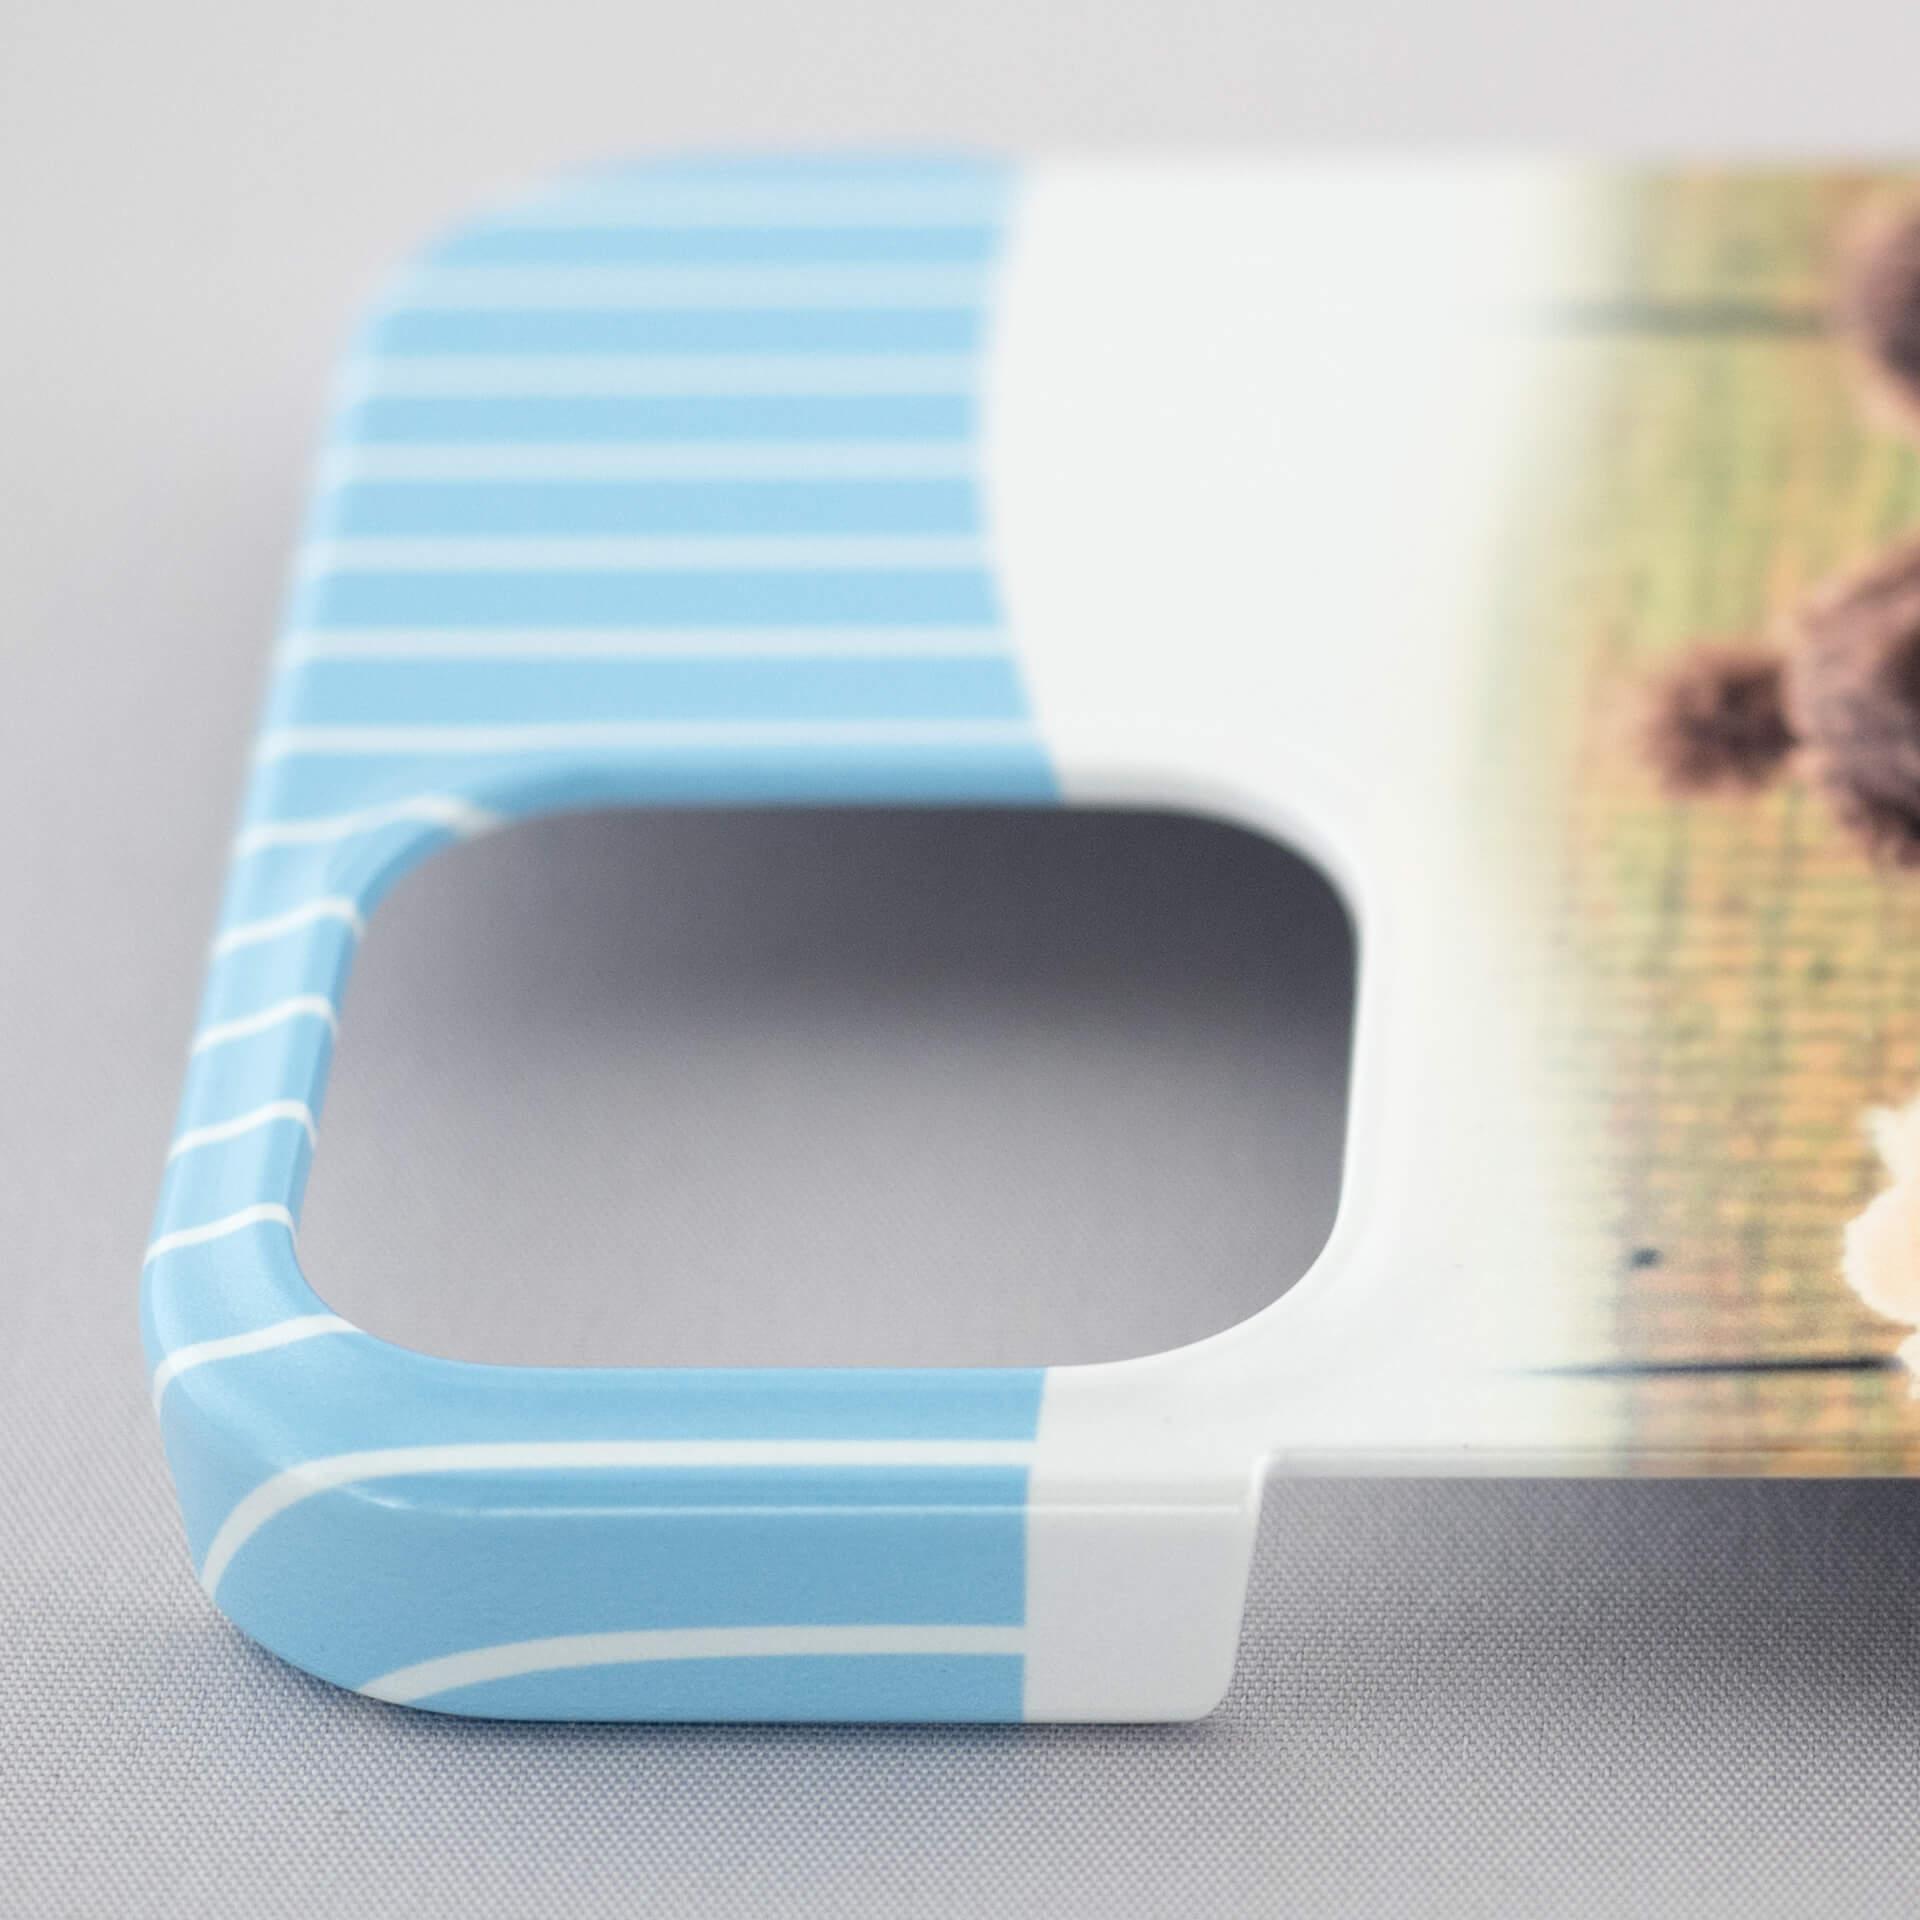 高度な曲面印刷画像1